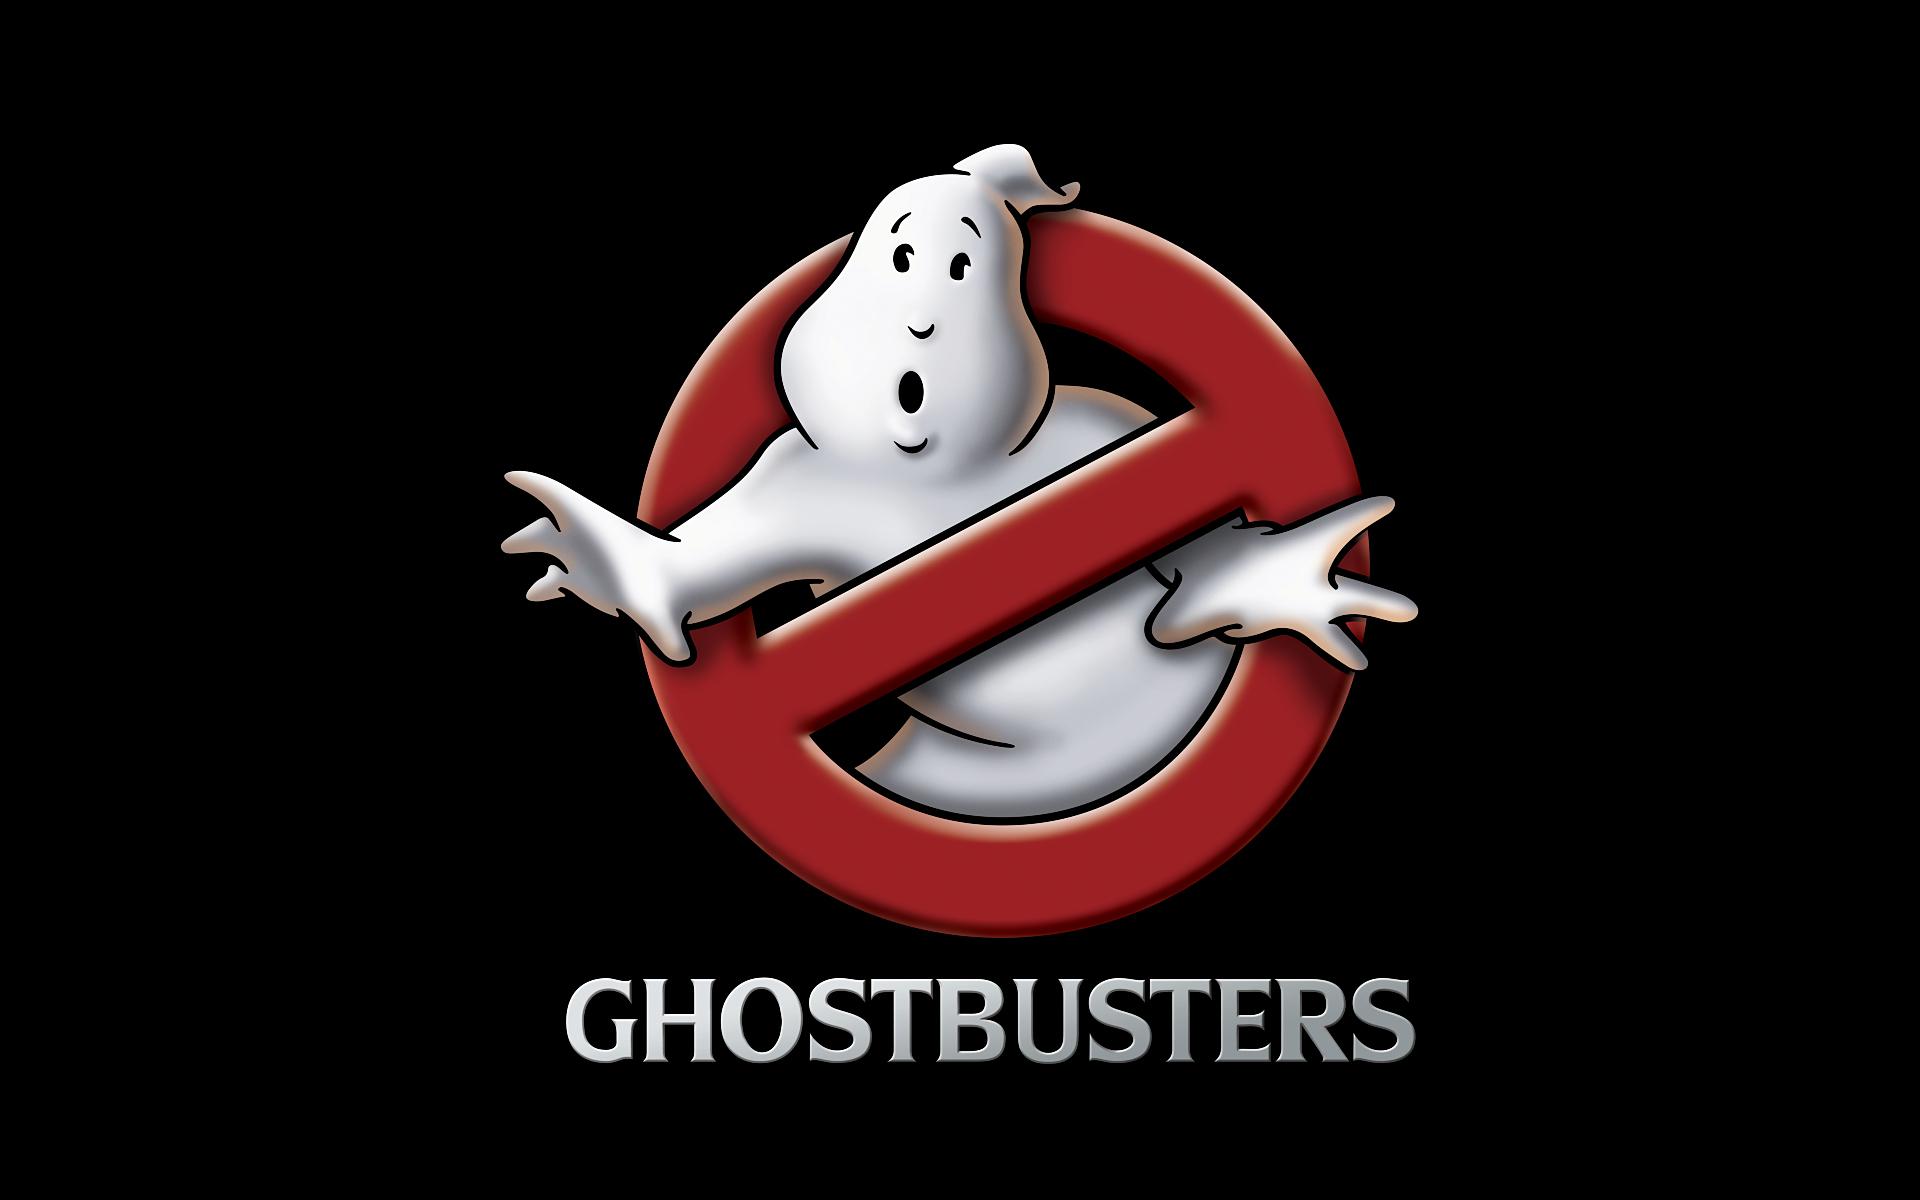 ghostbusterslogo-419074